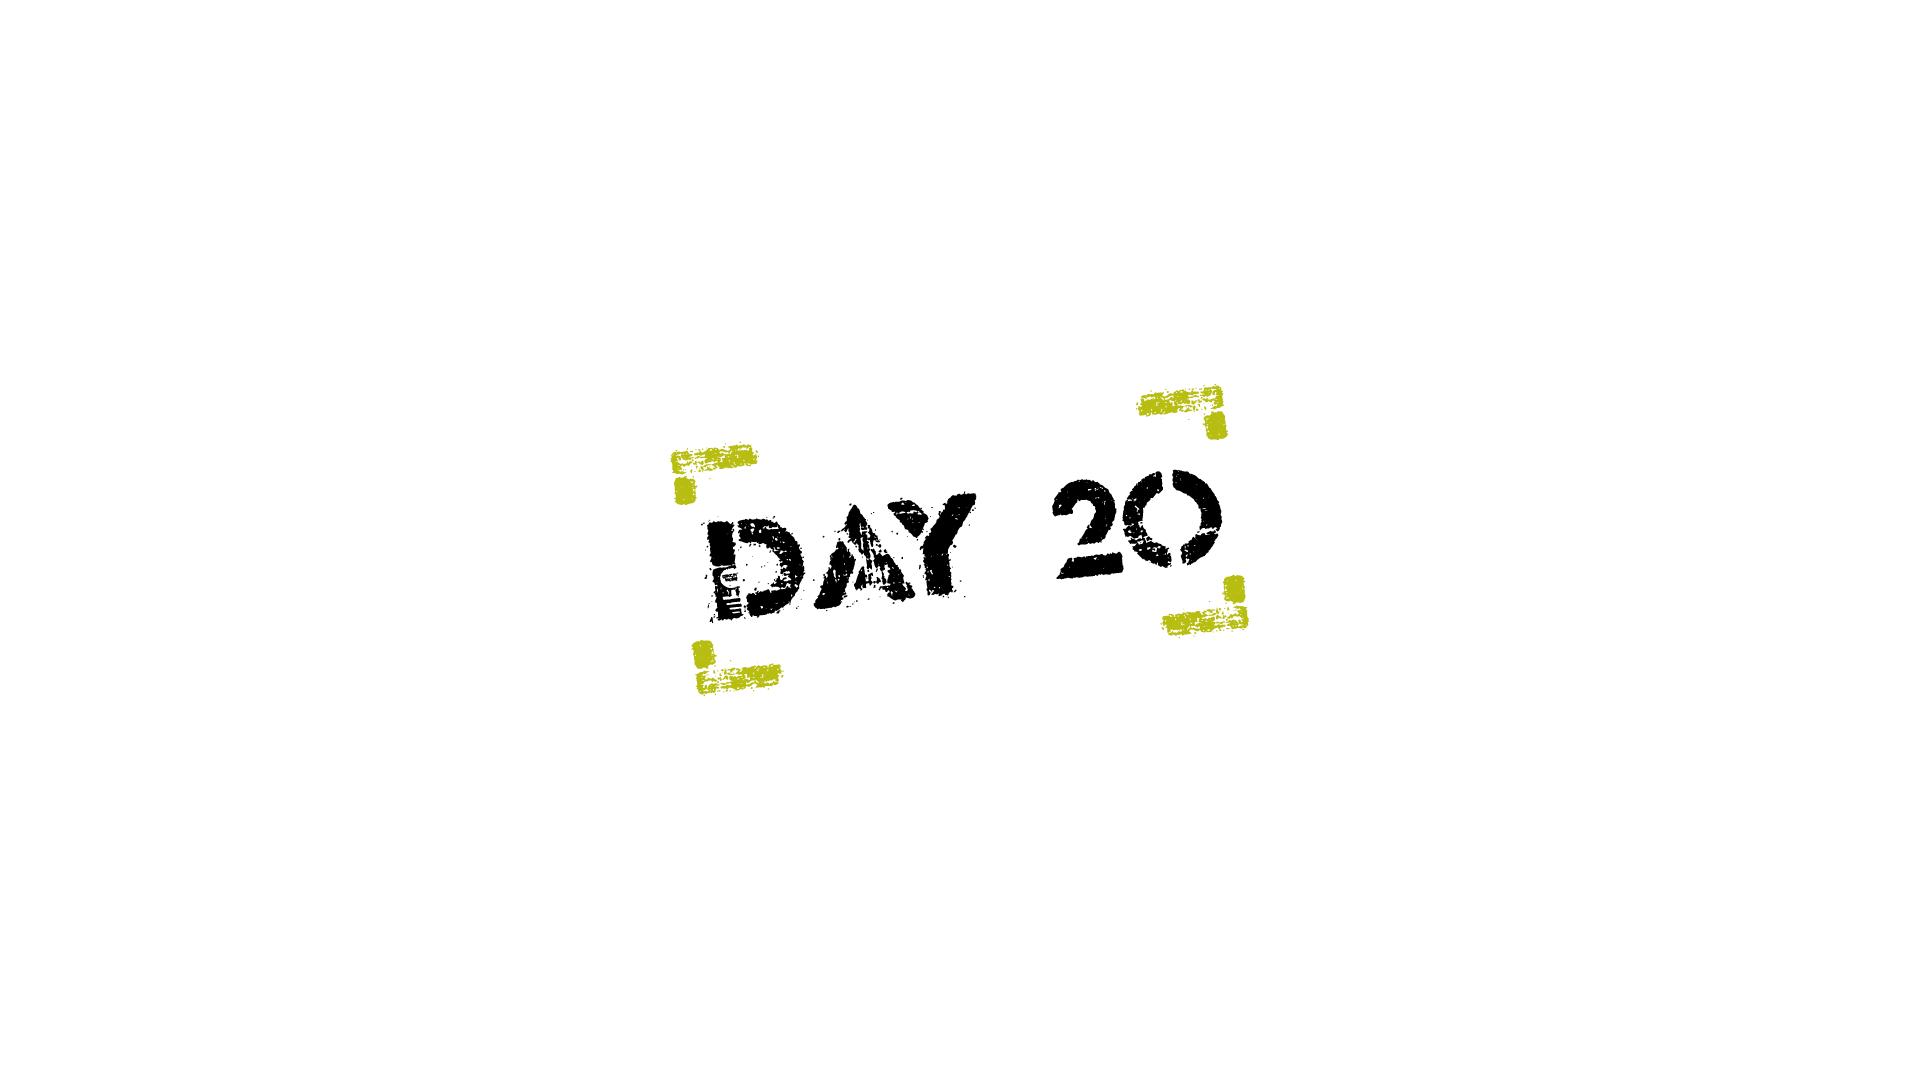 Quarantined - Day 20 - MRO Storeroom